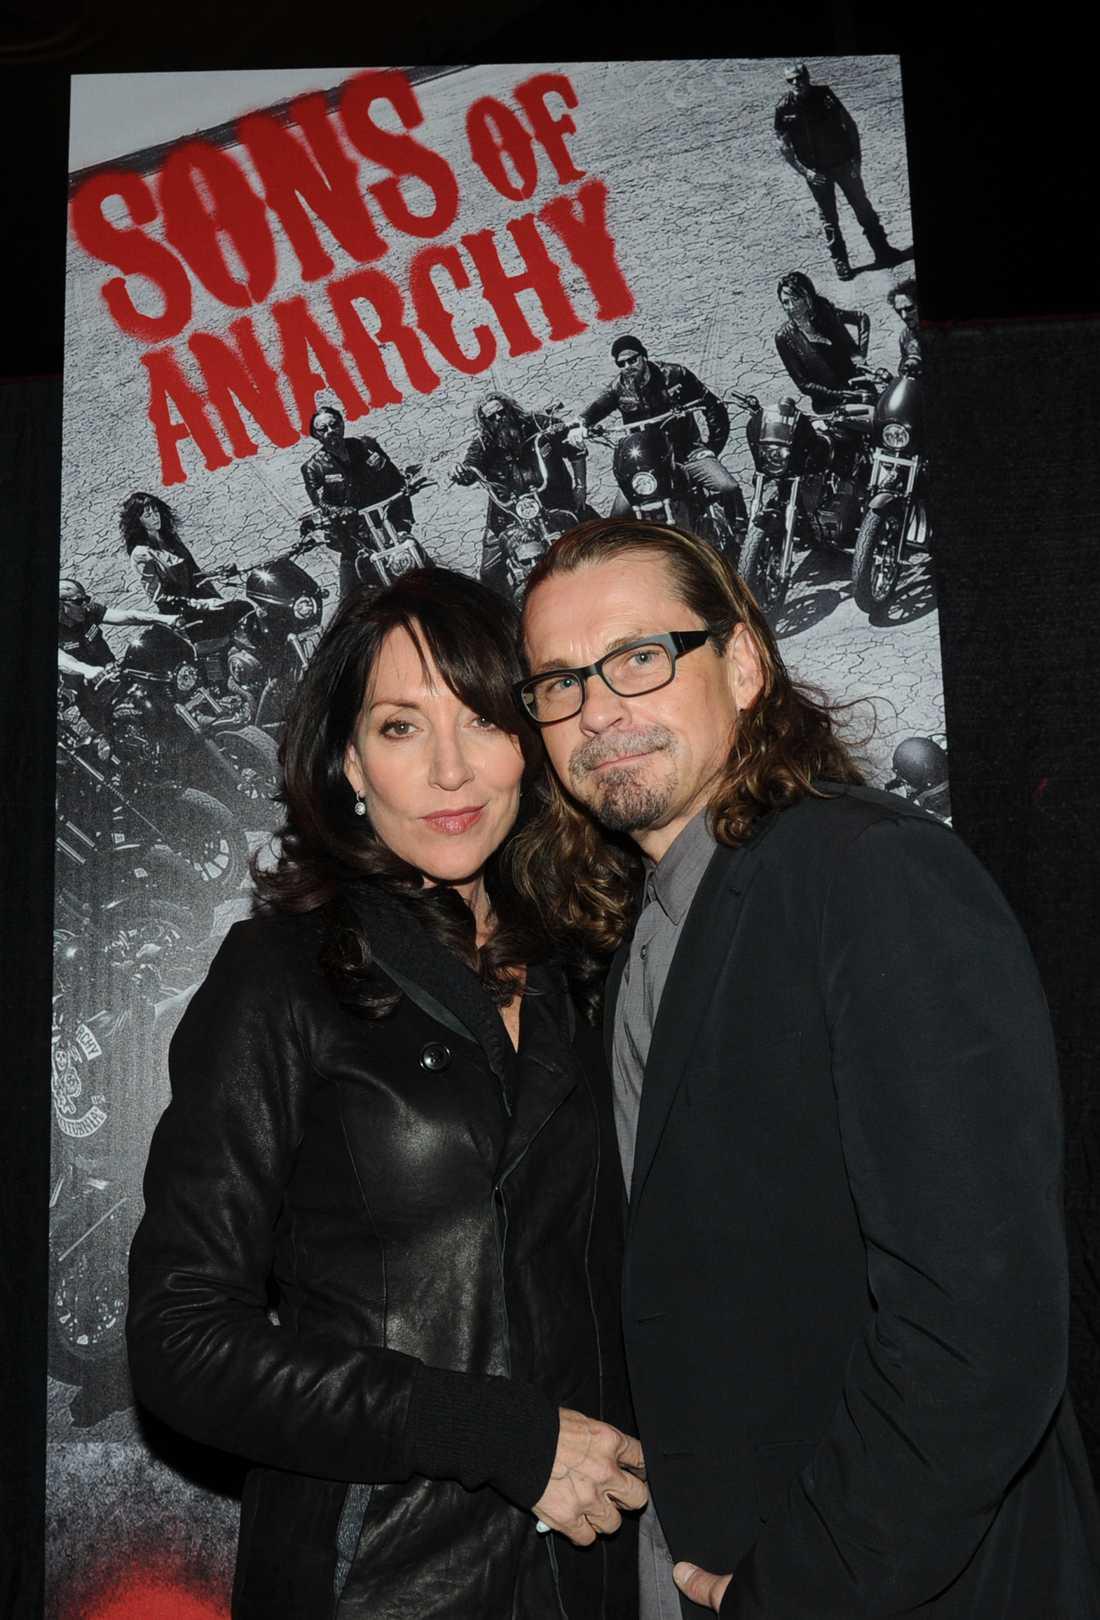 """Sutter skapade """"Sons of anarchy"""". Här tillsammans med huvudrollsinnehavaren Katey Sagal"""